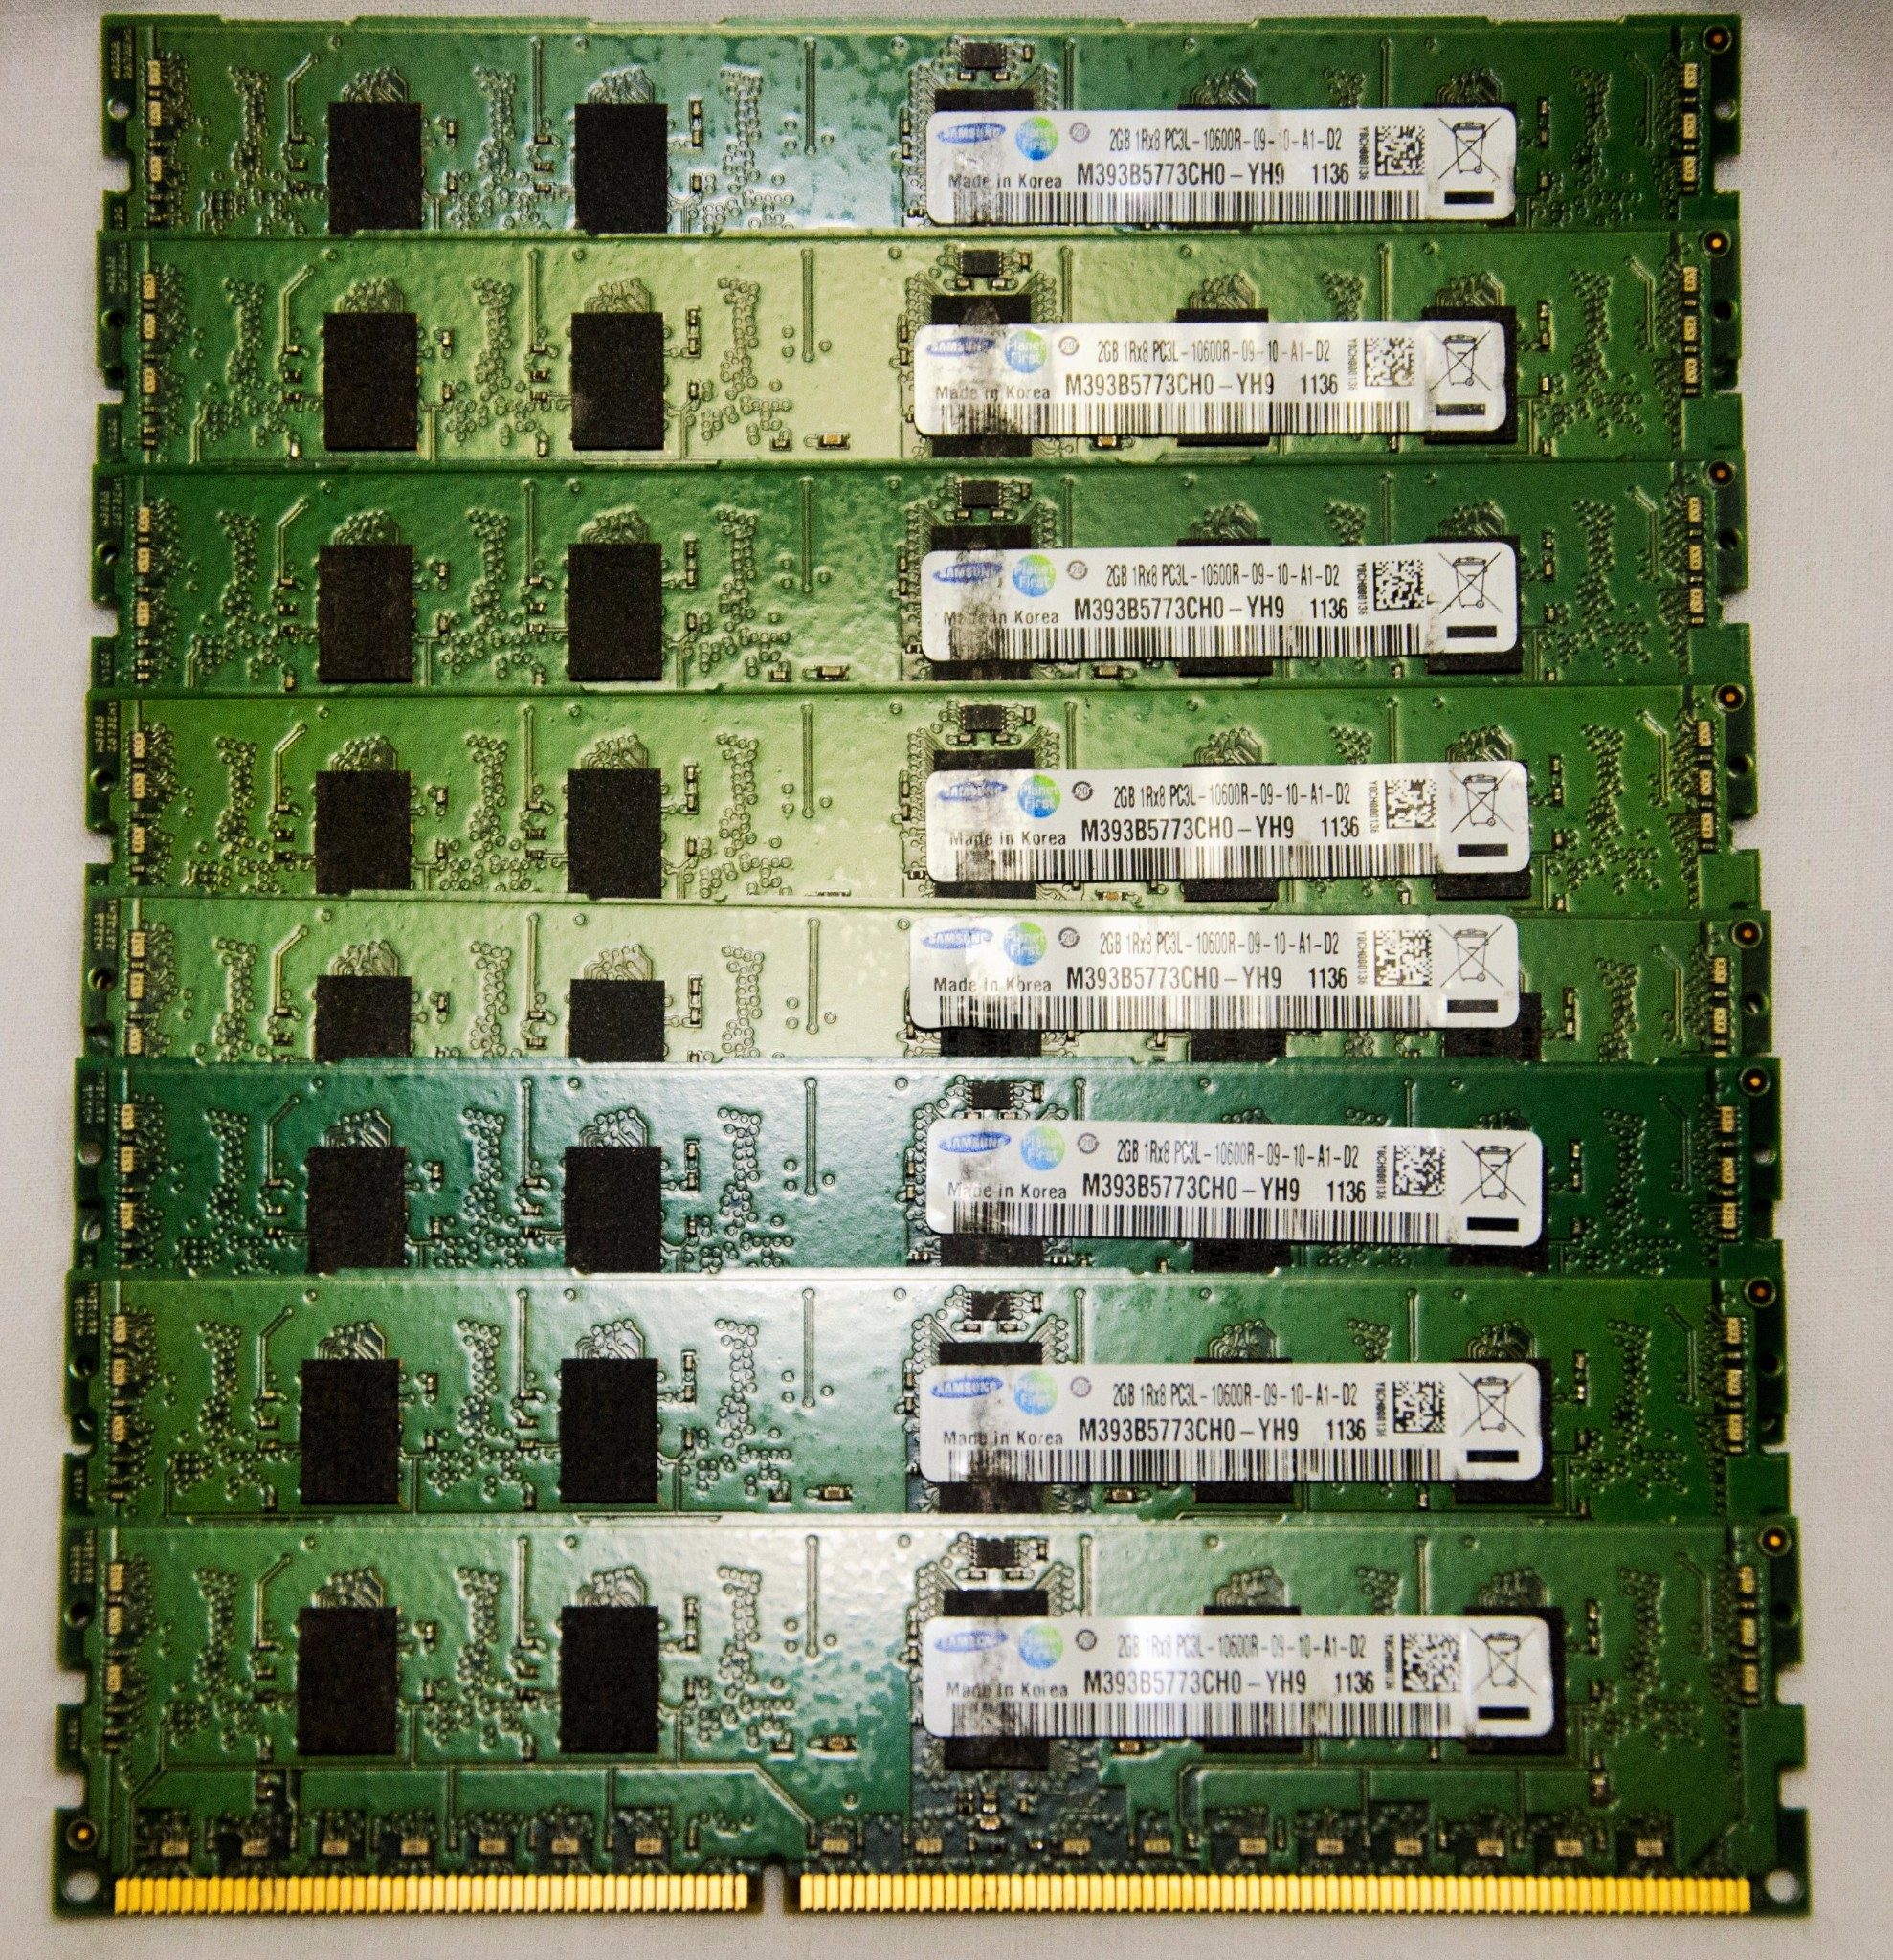 Ram Vgen Ddr2 2gb Pc 6400 Diskon Online Web Ddr 2 Jual Memory Sodimm Pc5300 Pc6400 Bekas Hard